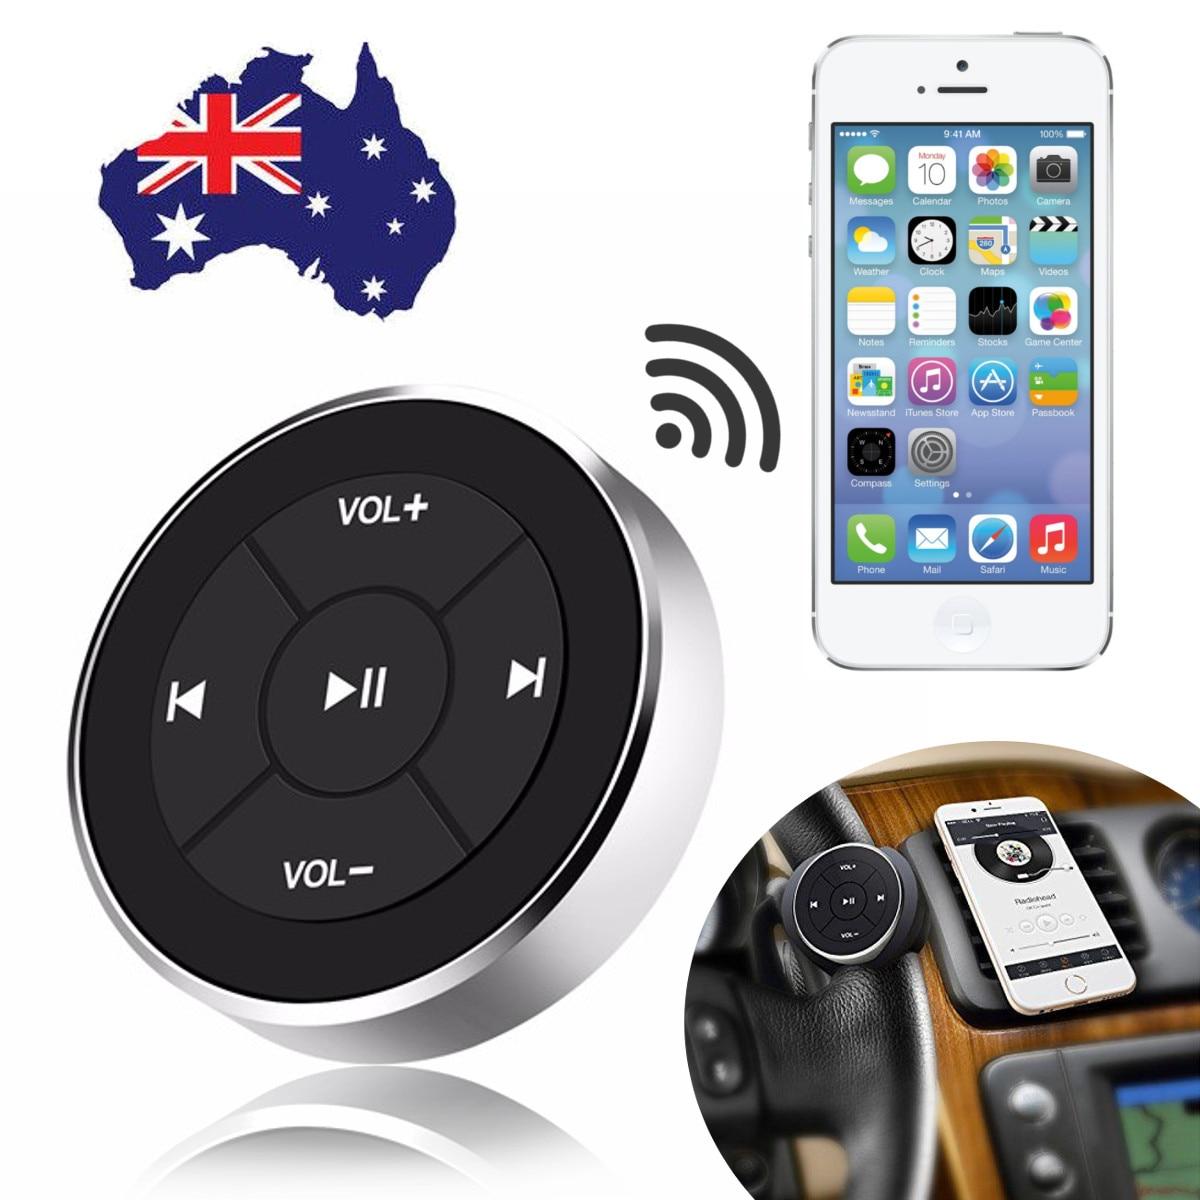 IMars BT-005 12M voiture bluetooth récepteur média bouton série télécommande Smartphone Audio vidéo bluetooth média bouton